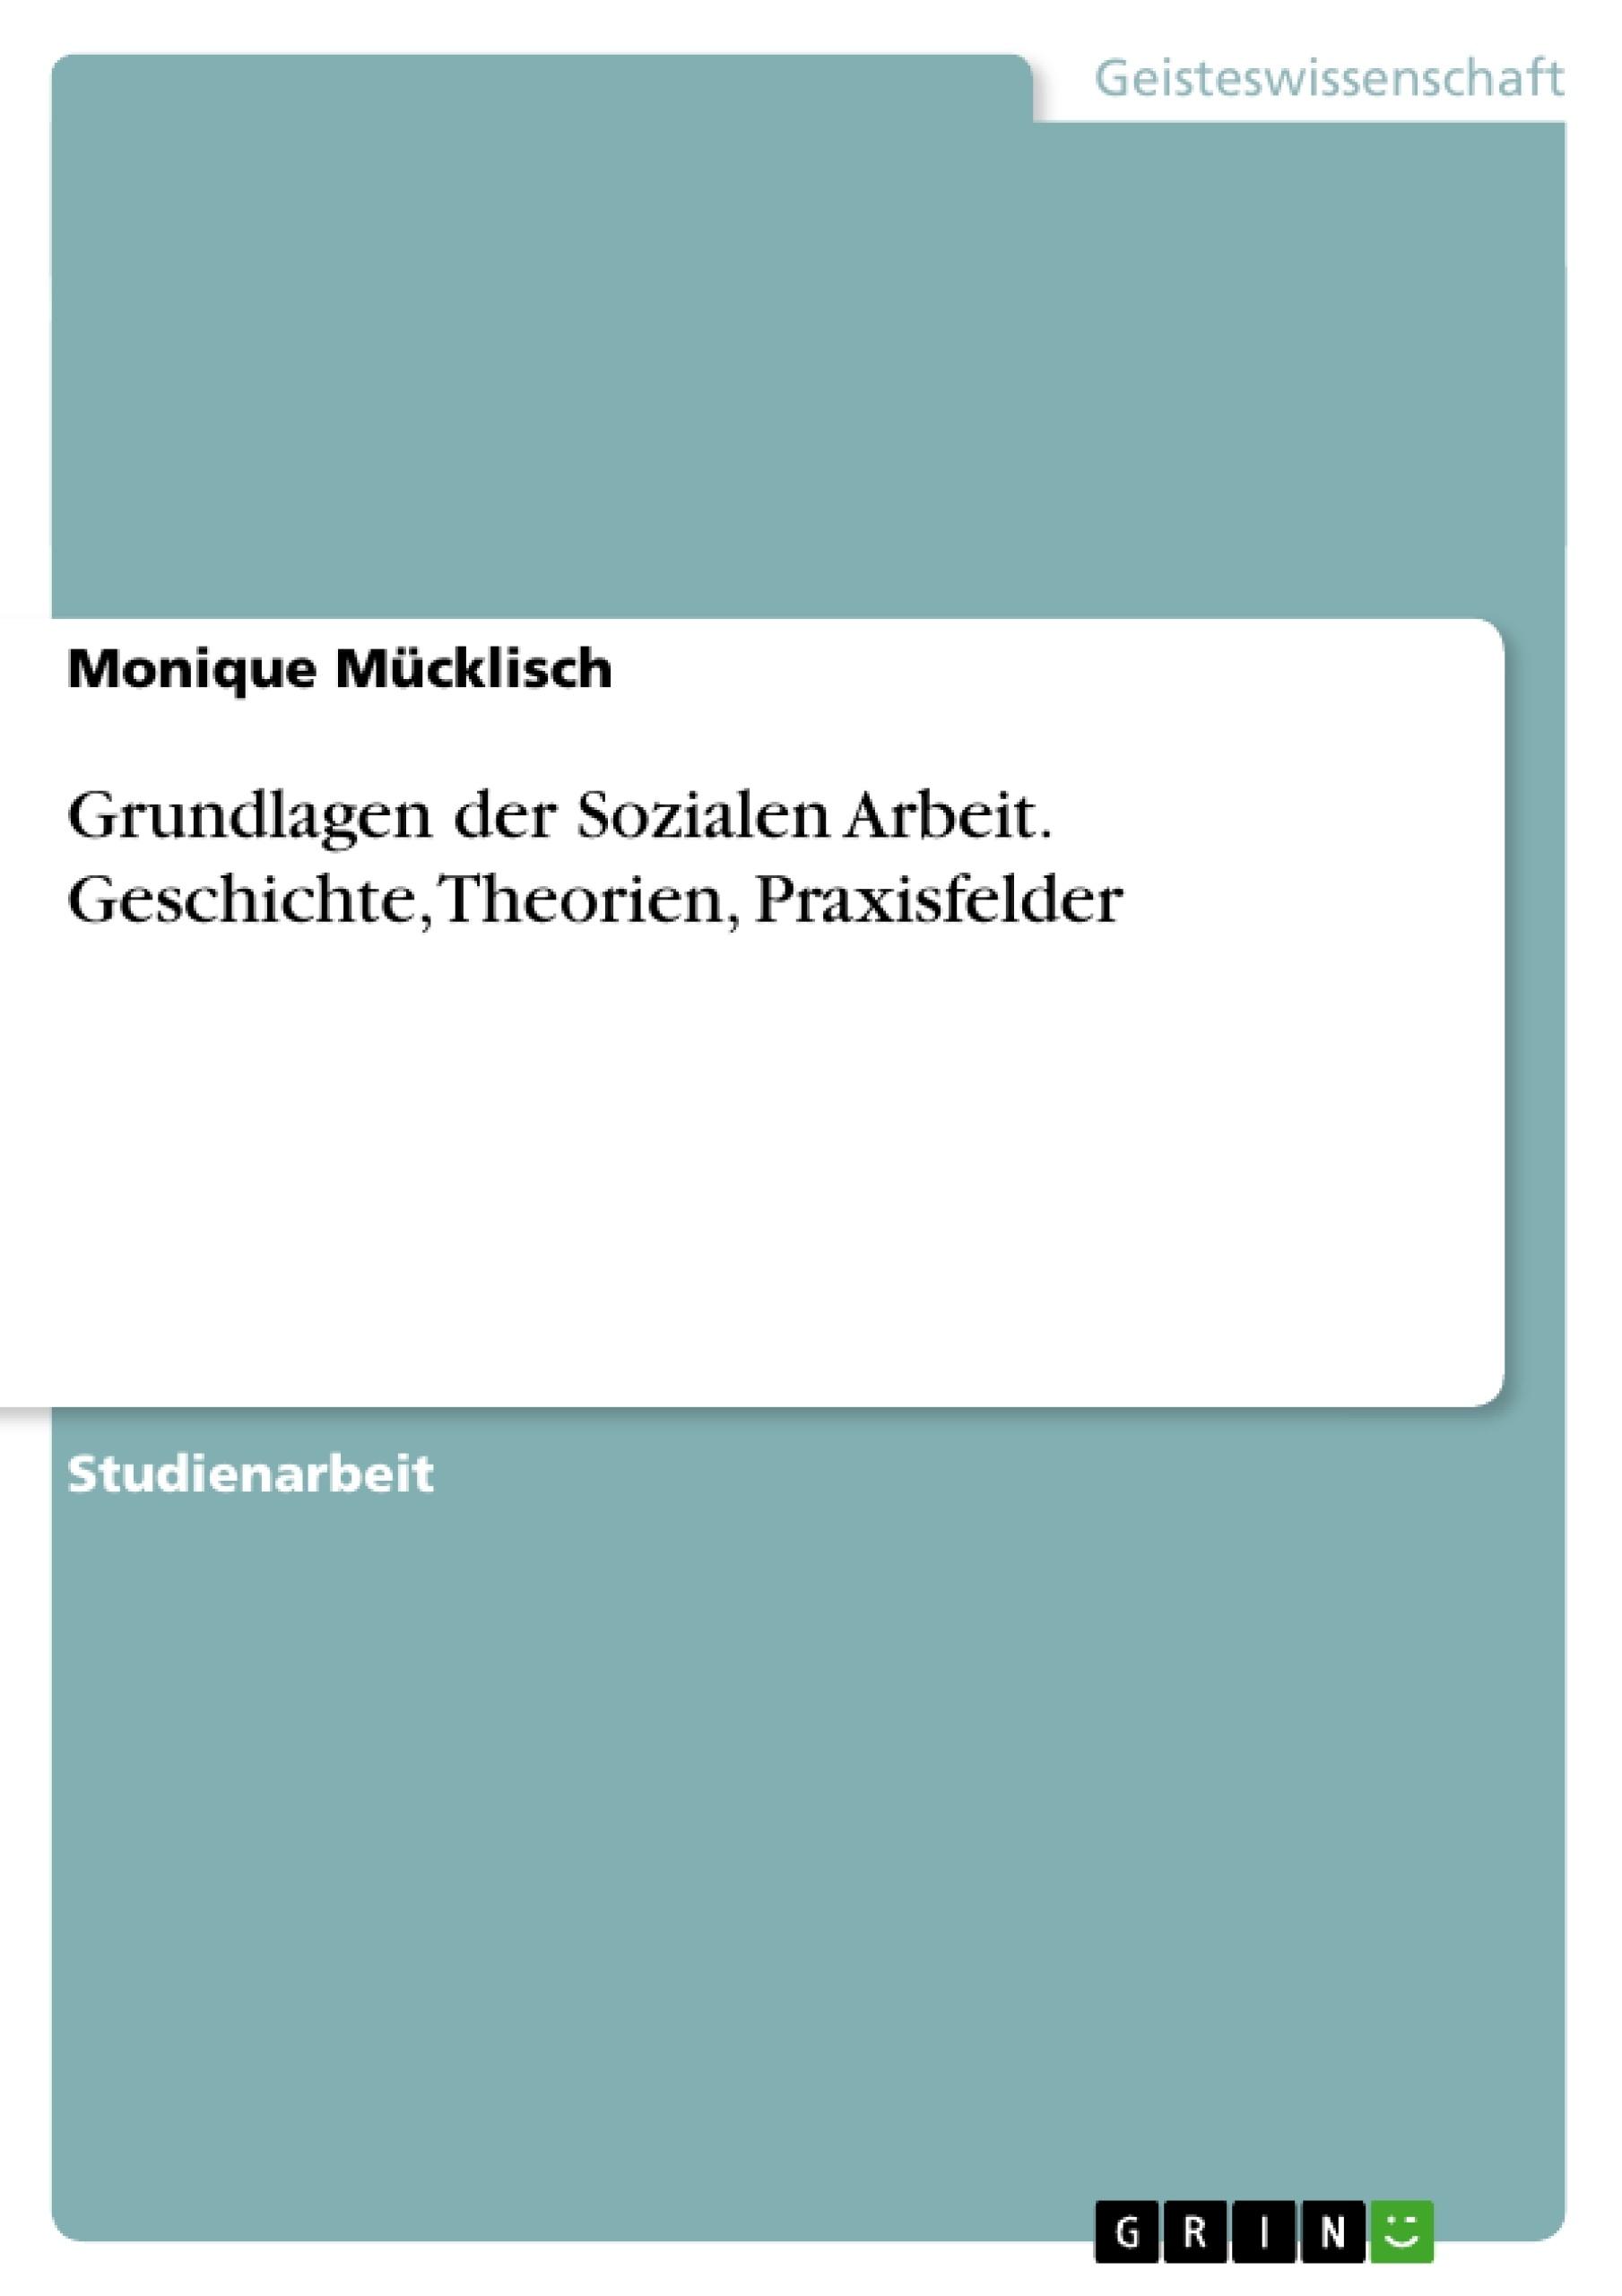 Titel: Grundlagen der Sozialen Arbeit. Geschichte, Theorien, Praxisfelder